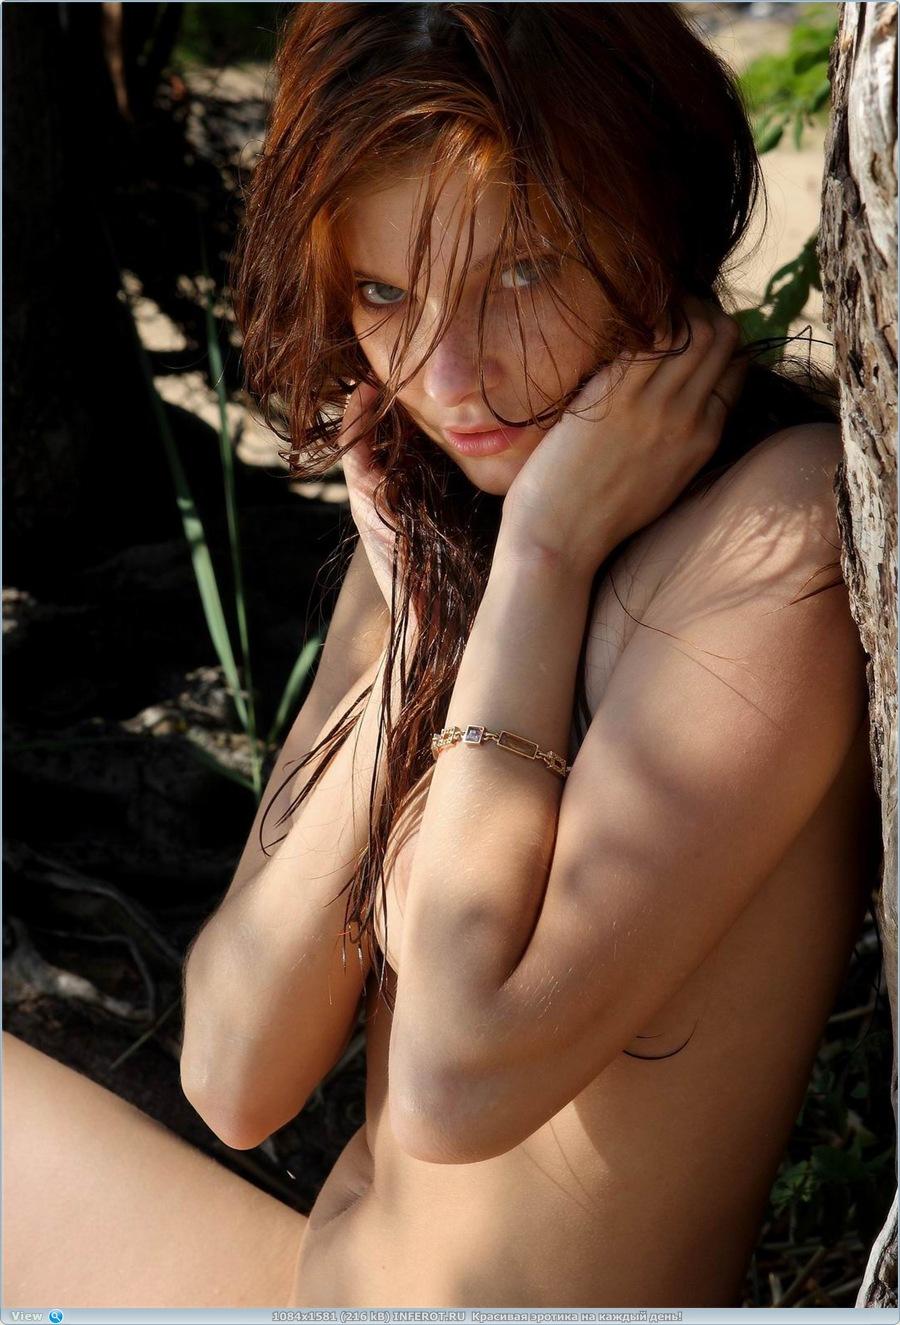 Красотка на пляже у старого дерева... (15 фото)